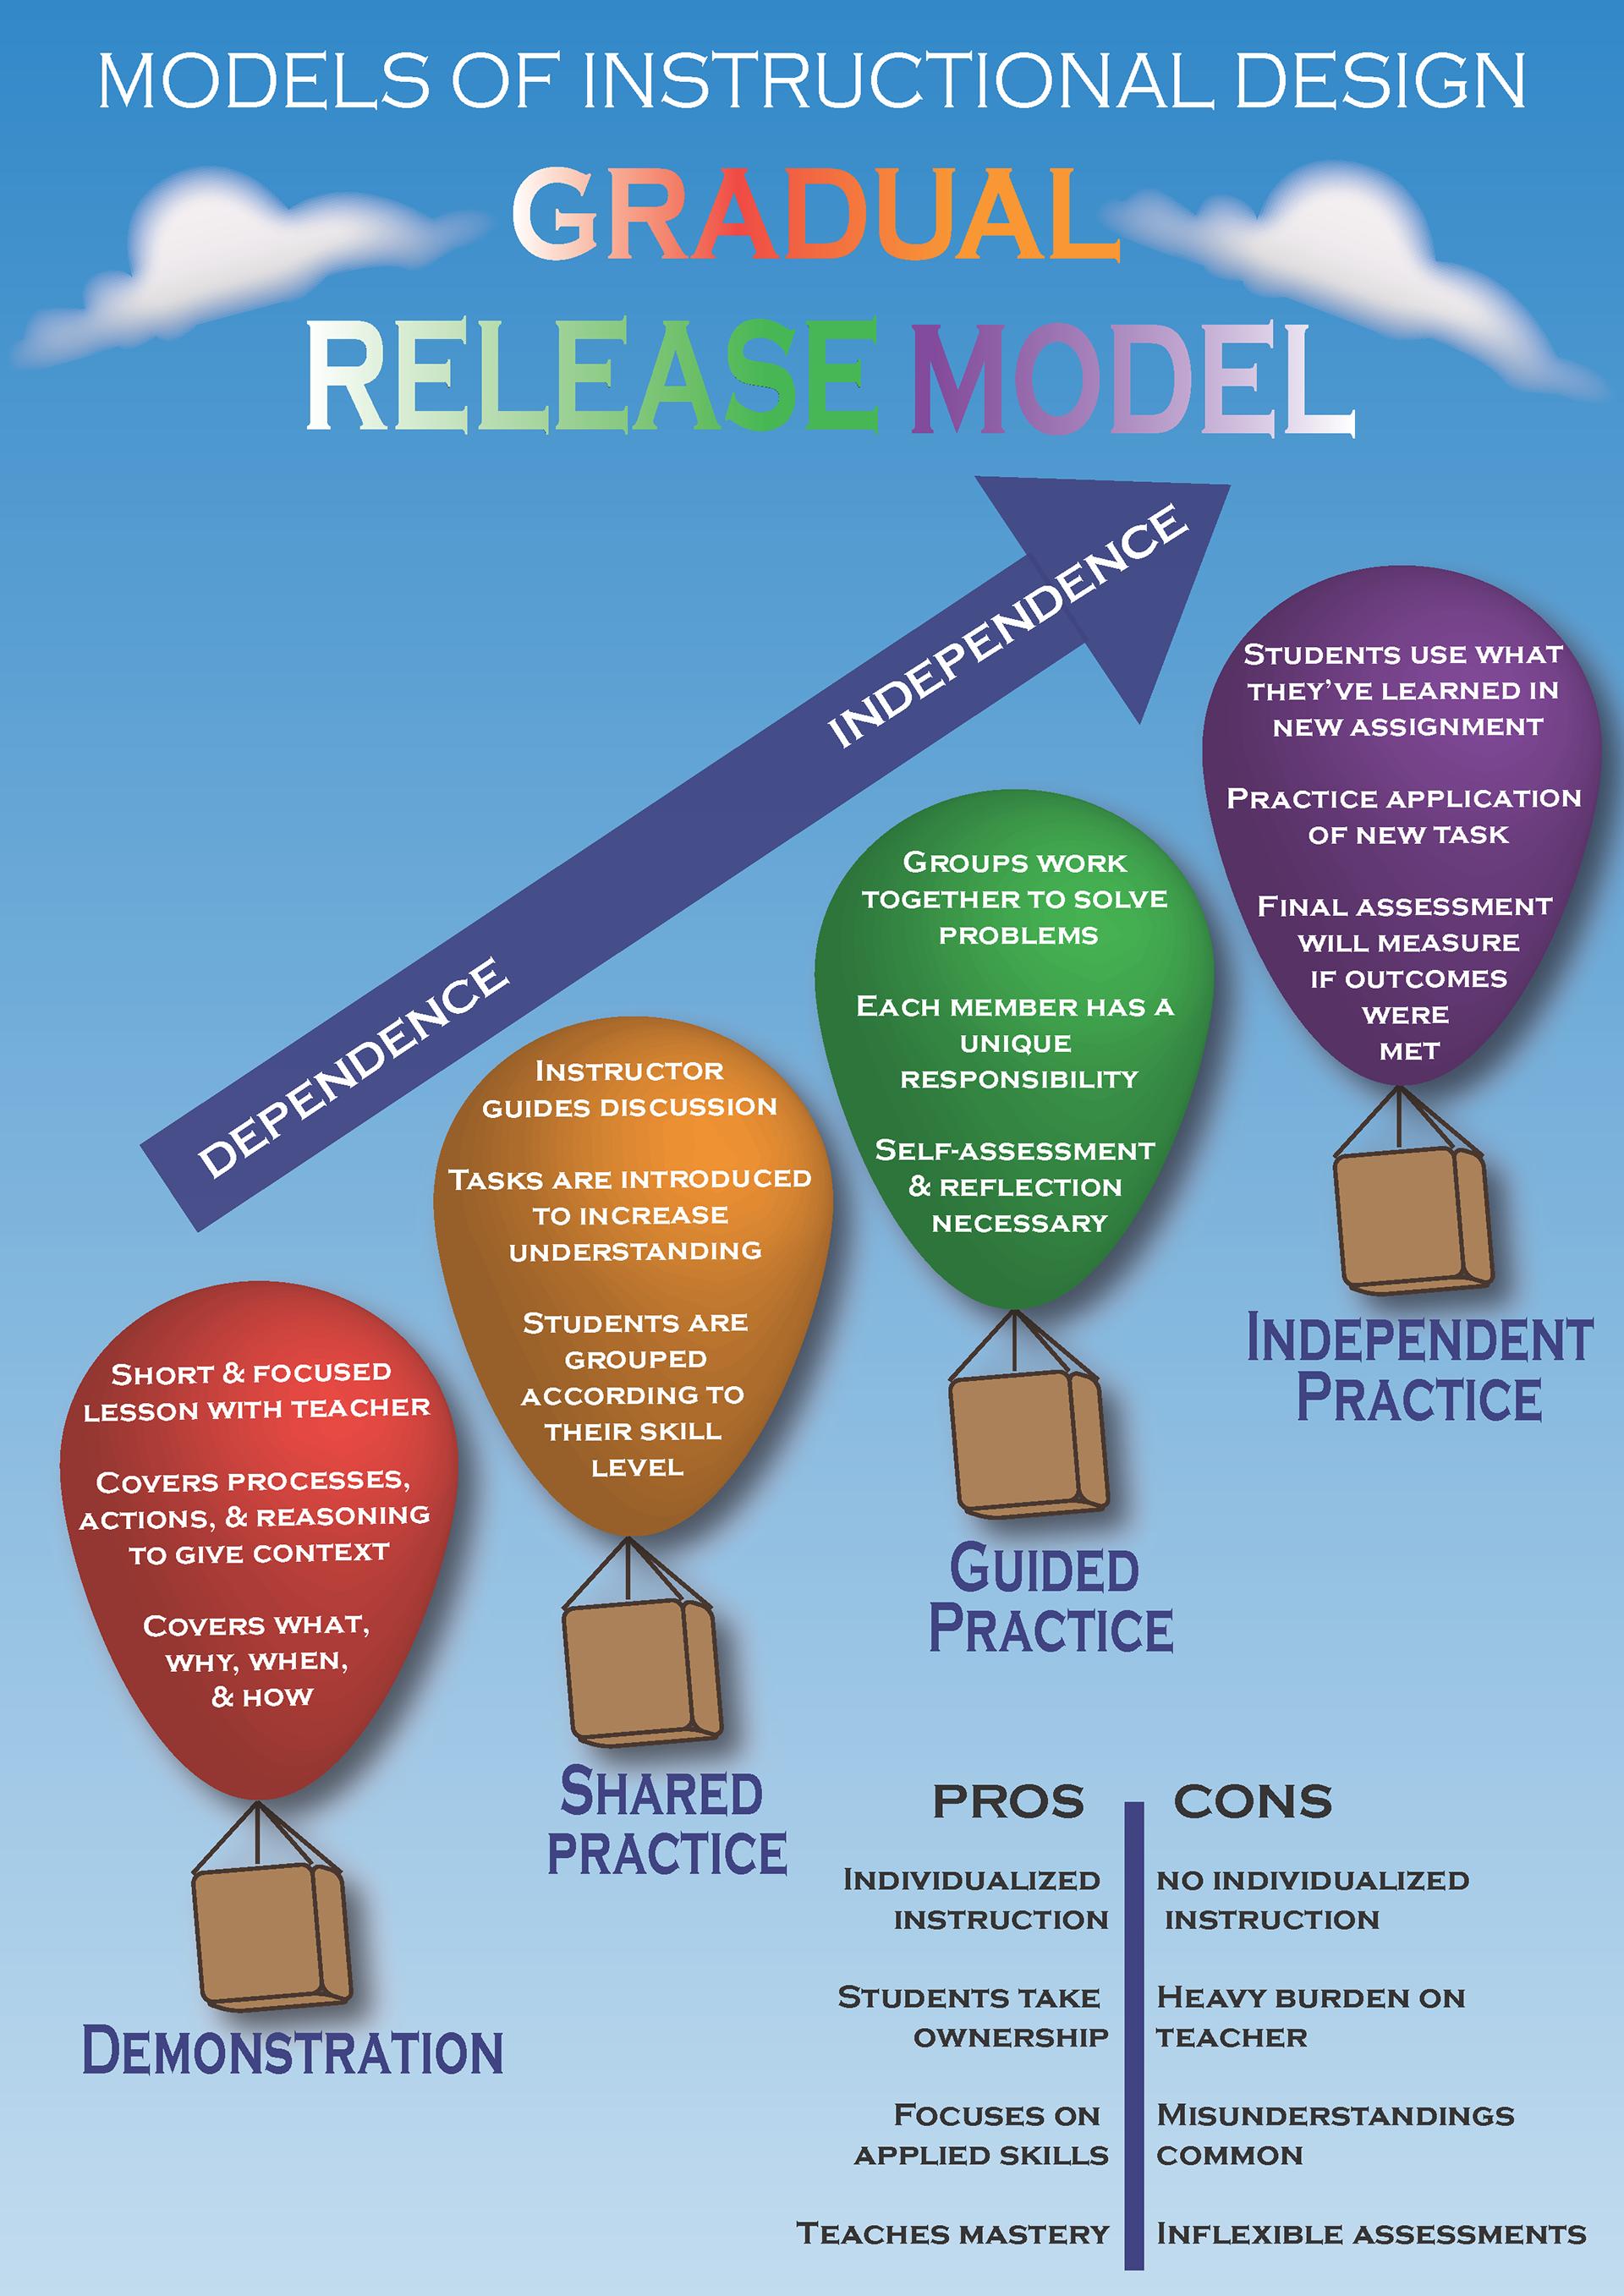 gradual release model of instruction